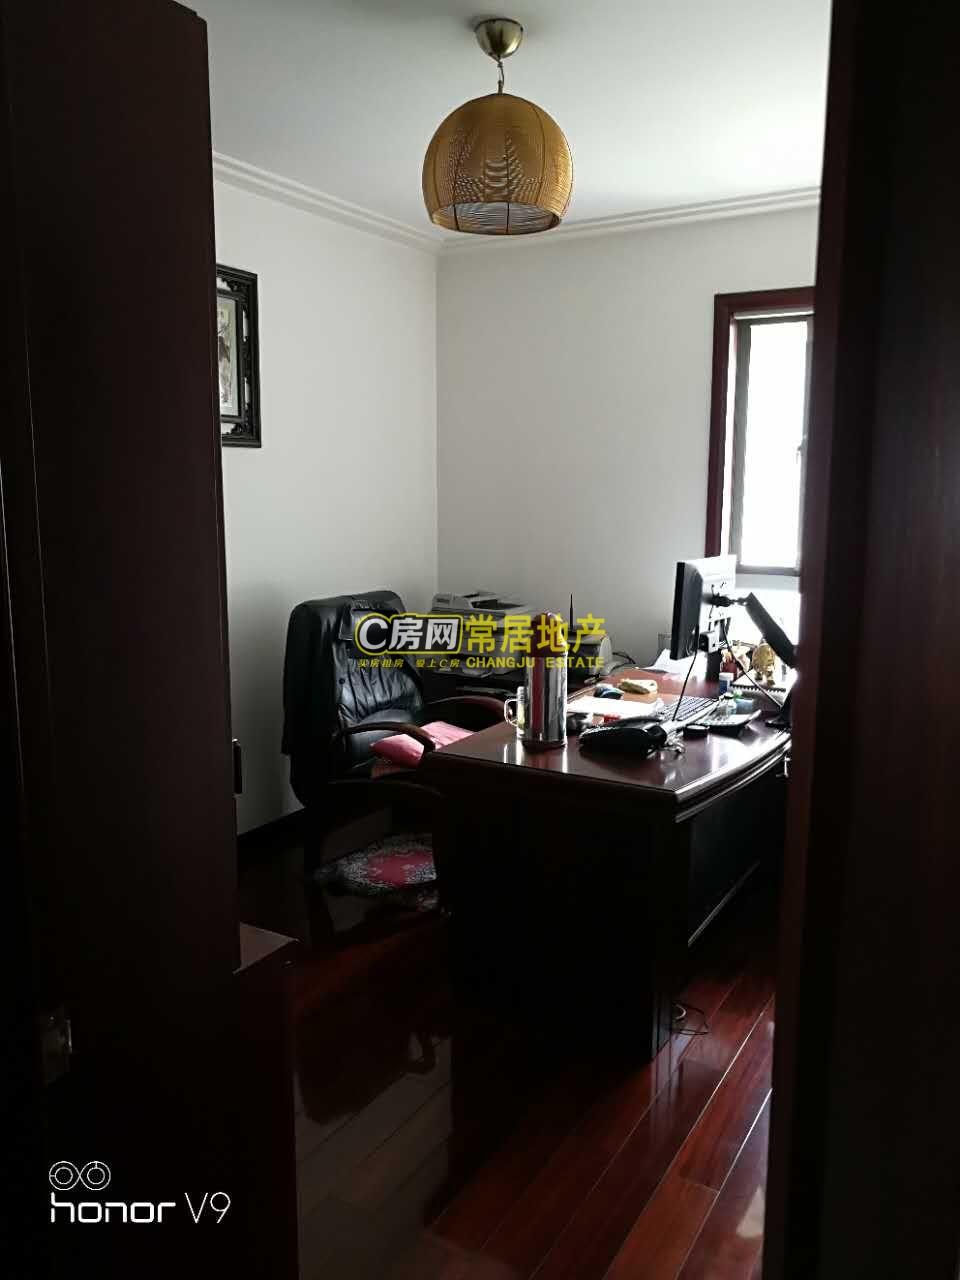 滨江明珠城 145万 3室2厅2卫 普通装修高品味生活从